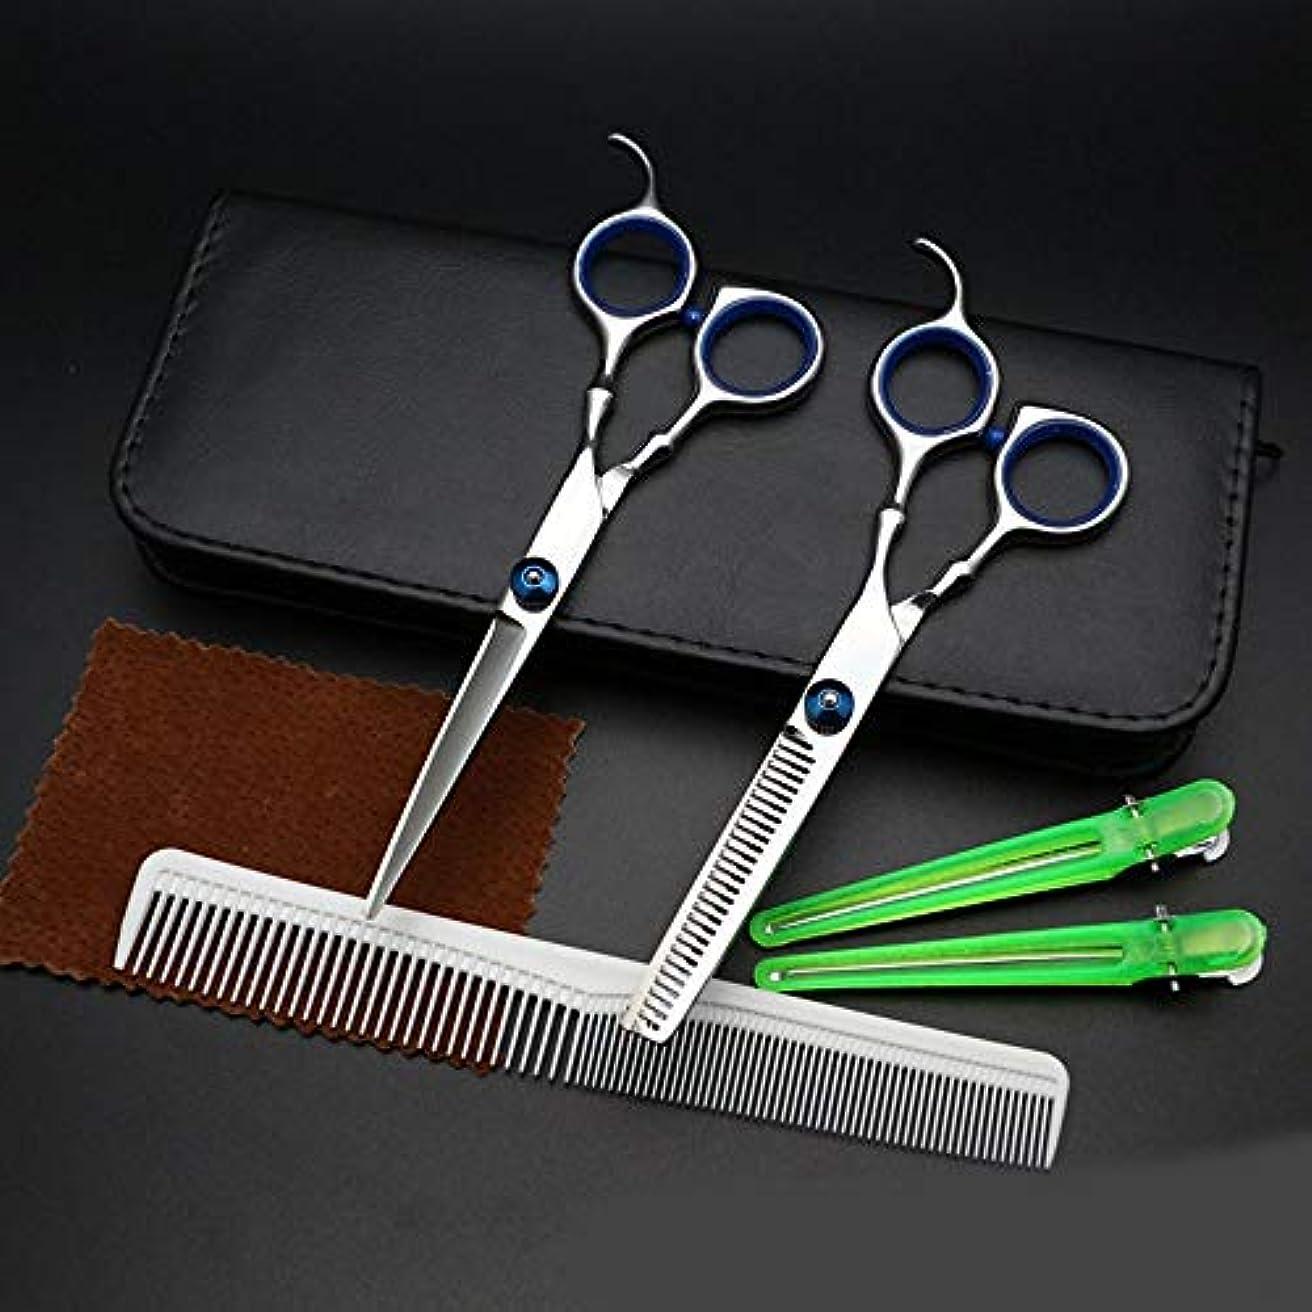 強度許されるどこにでもWASAIO ブルースクリュー理髪はさみ竹プロフェッショナル理容テクスチャーサロンレイザーエッジシザーヘアカットのはさみステンレスツールセット6.0インチハンドル (色 : 青)